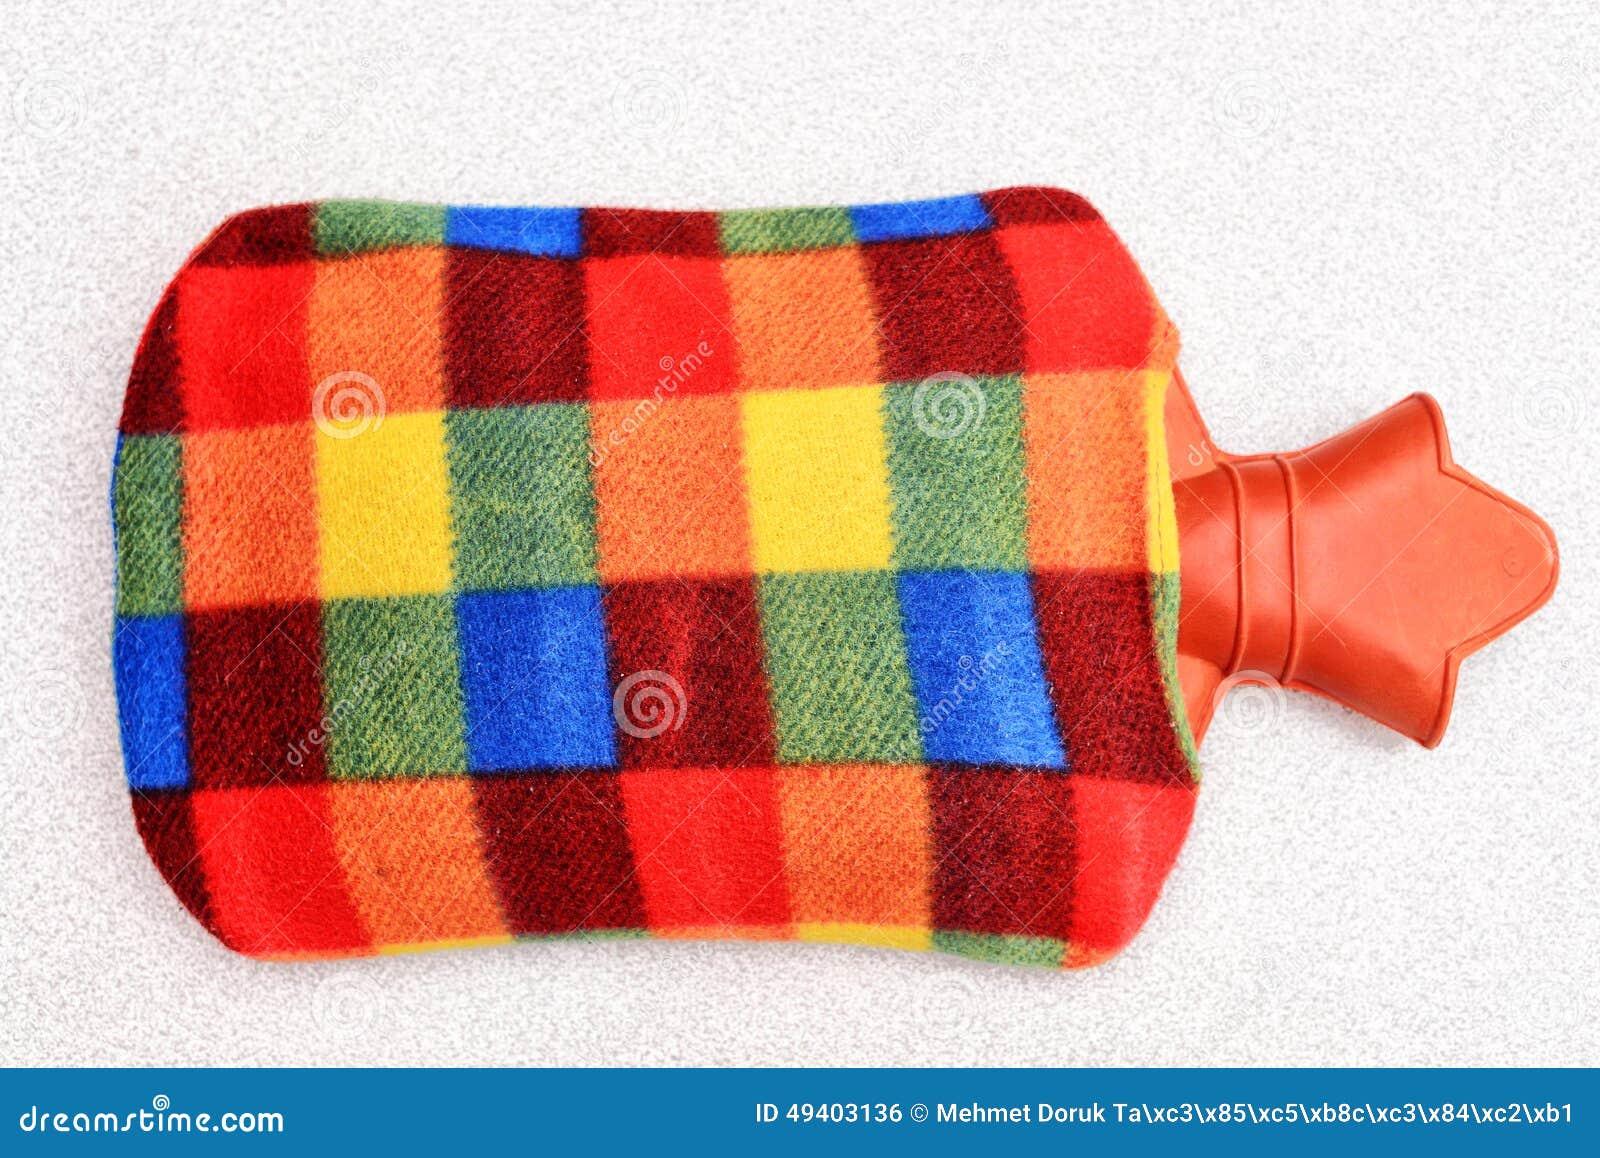 Download Heißwassertasche stock abbildung. Illustration von blau - 49403136